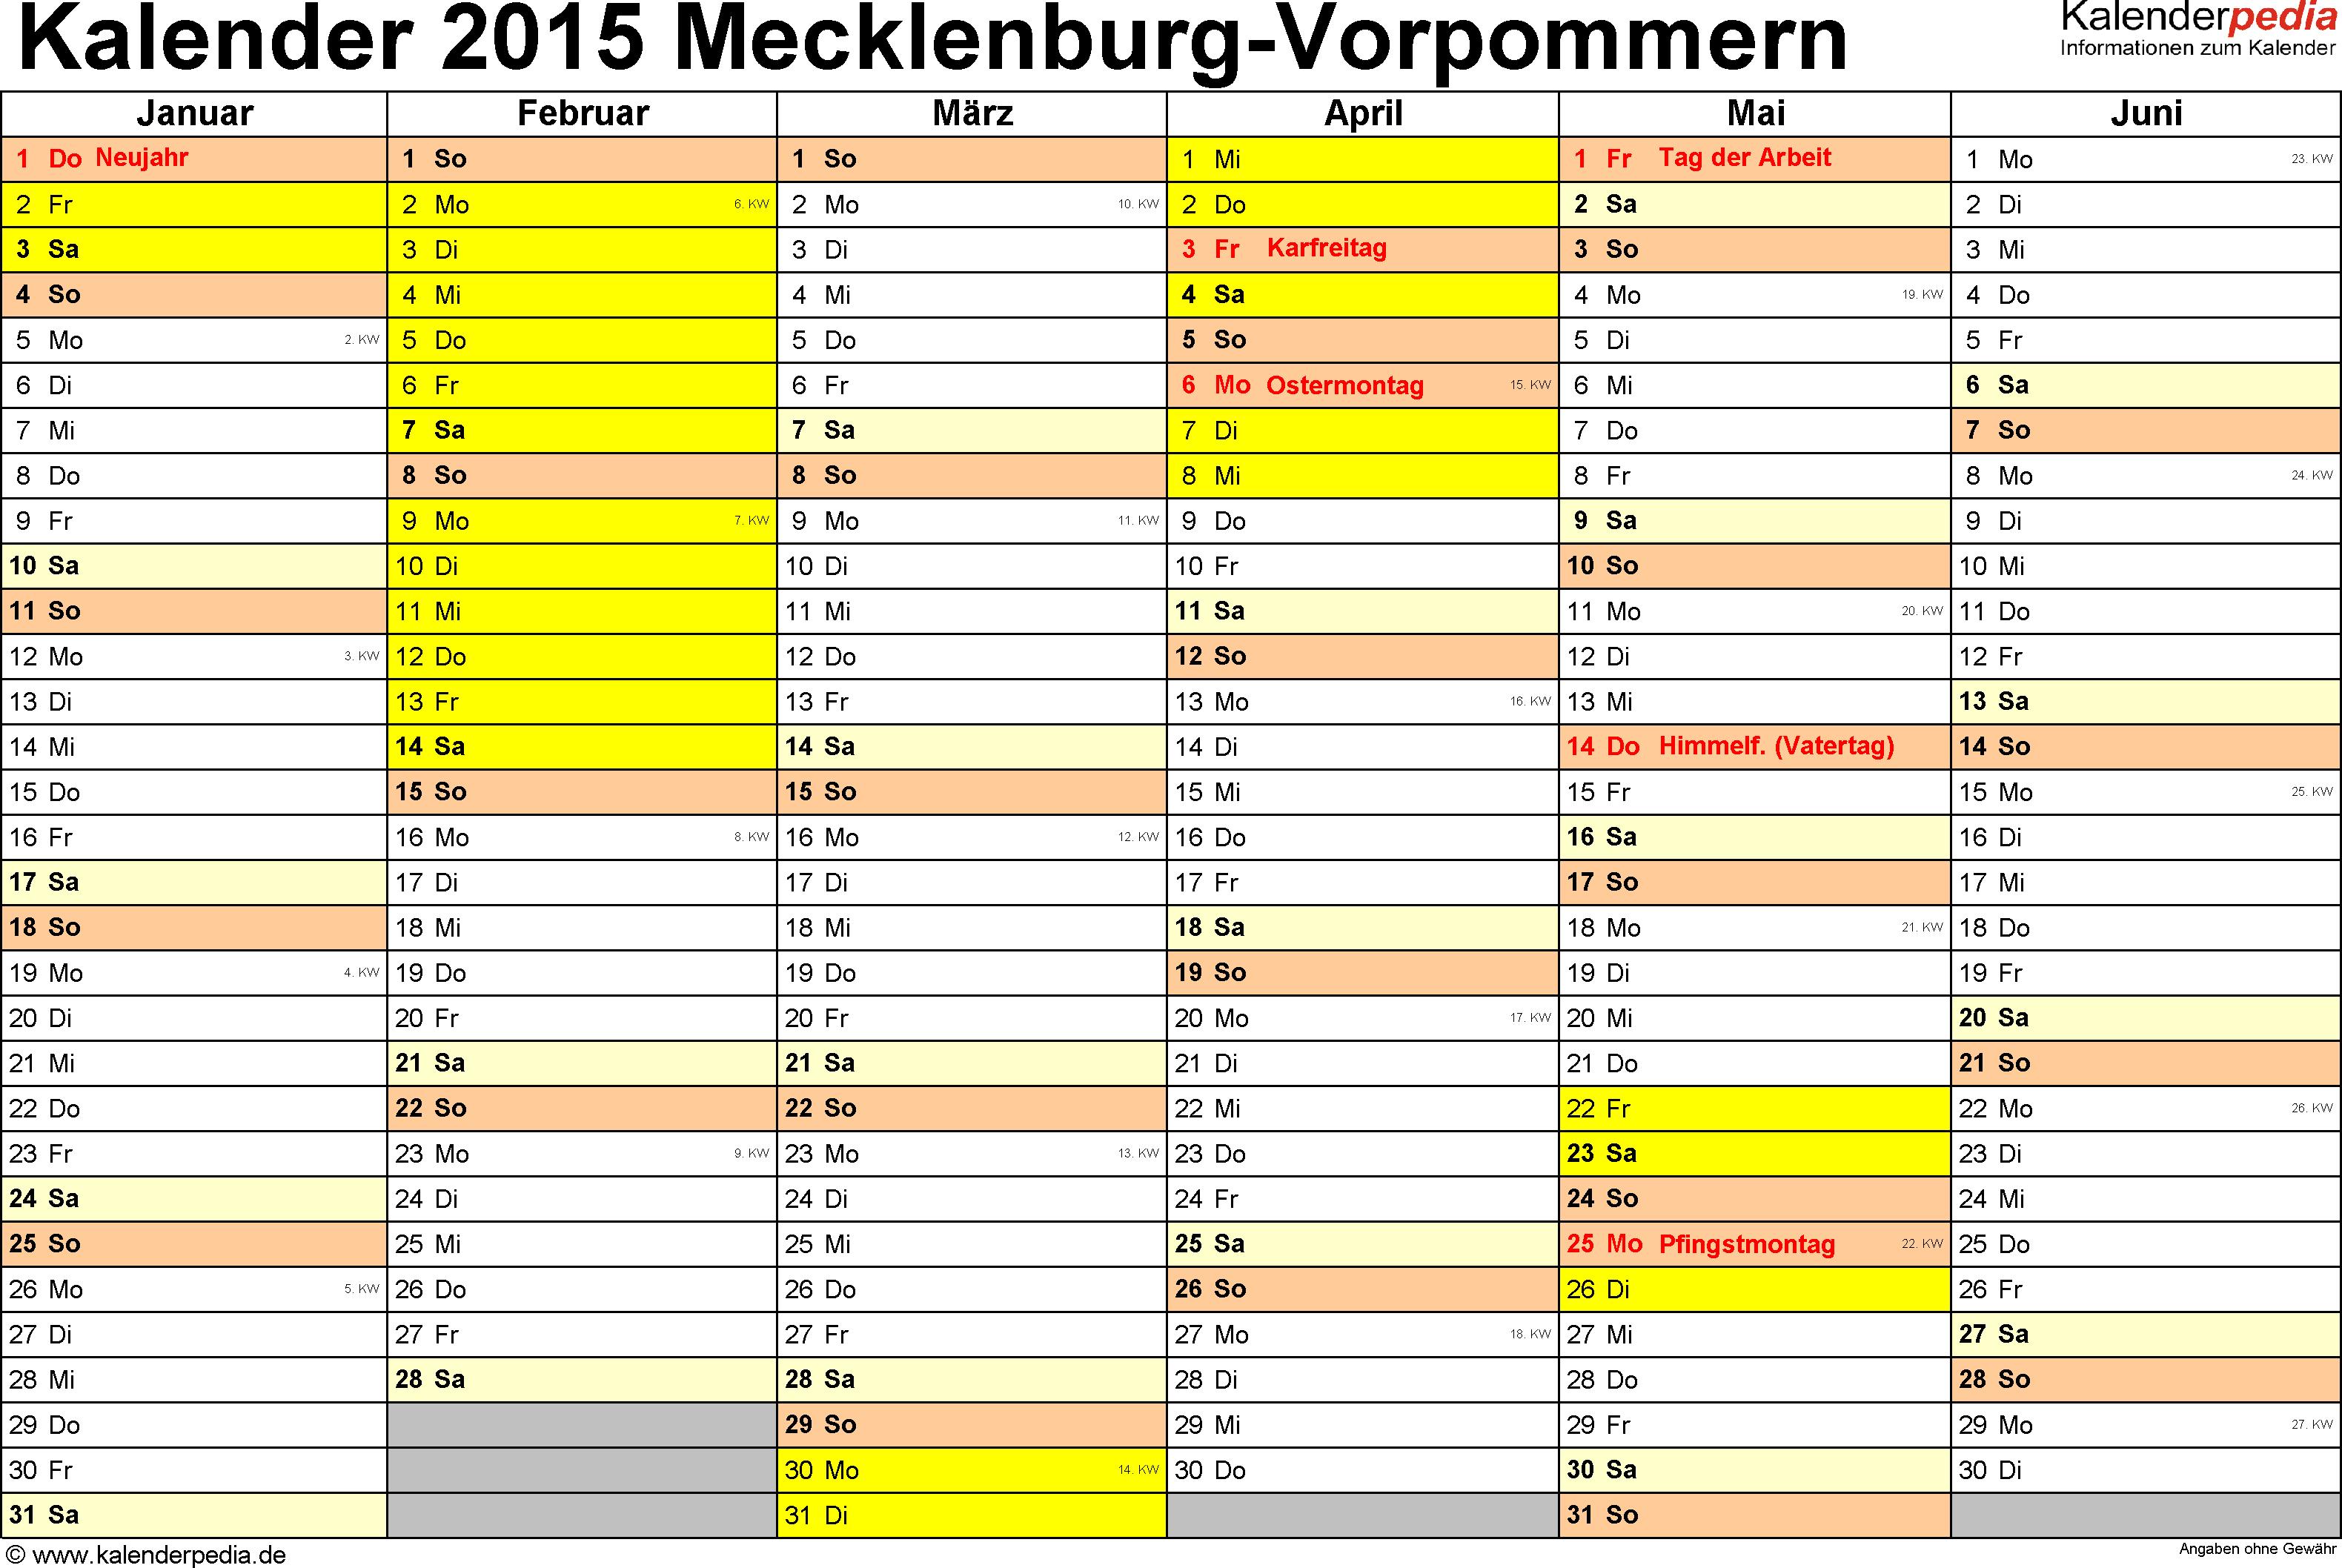 Vorlage 2: Kalender 2015 für Mecklenburg-Vorpommern als Excel-Vorlage (Querformat, 2 Seiten)